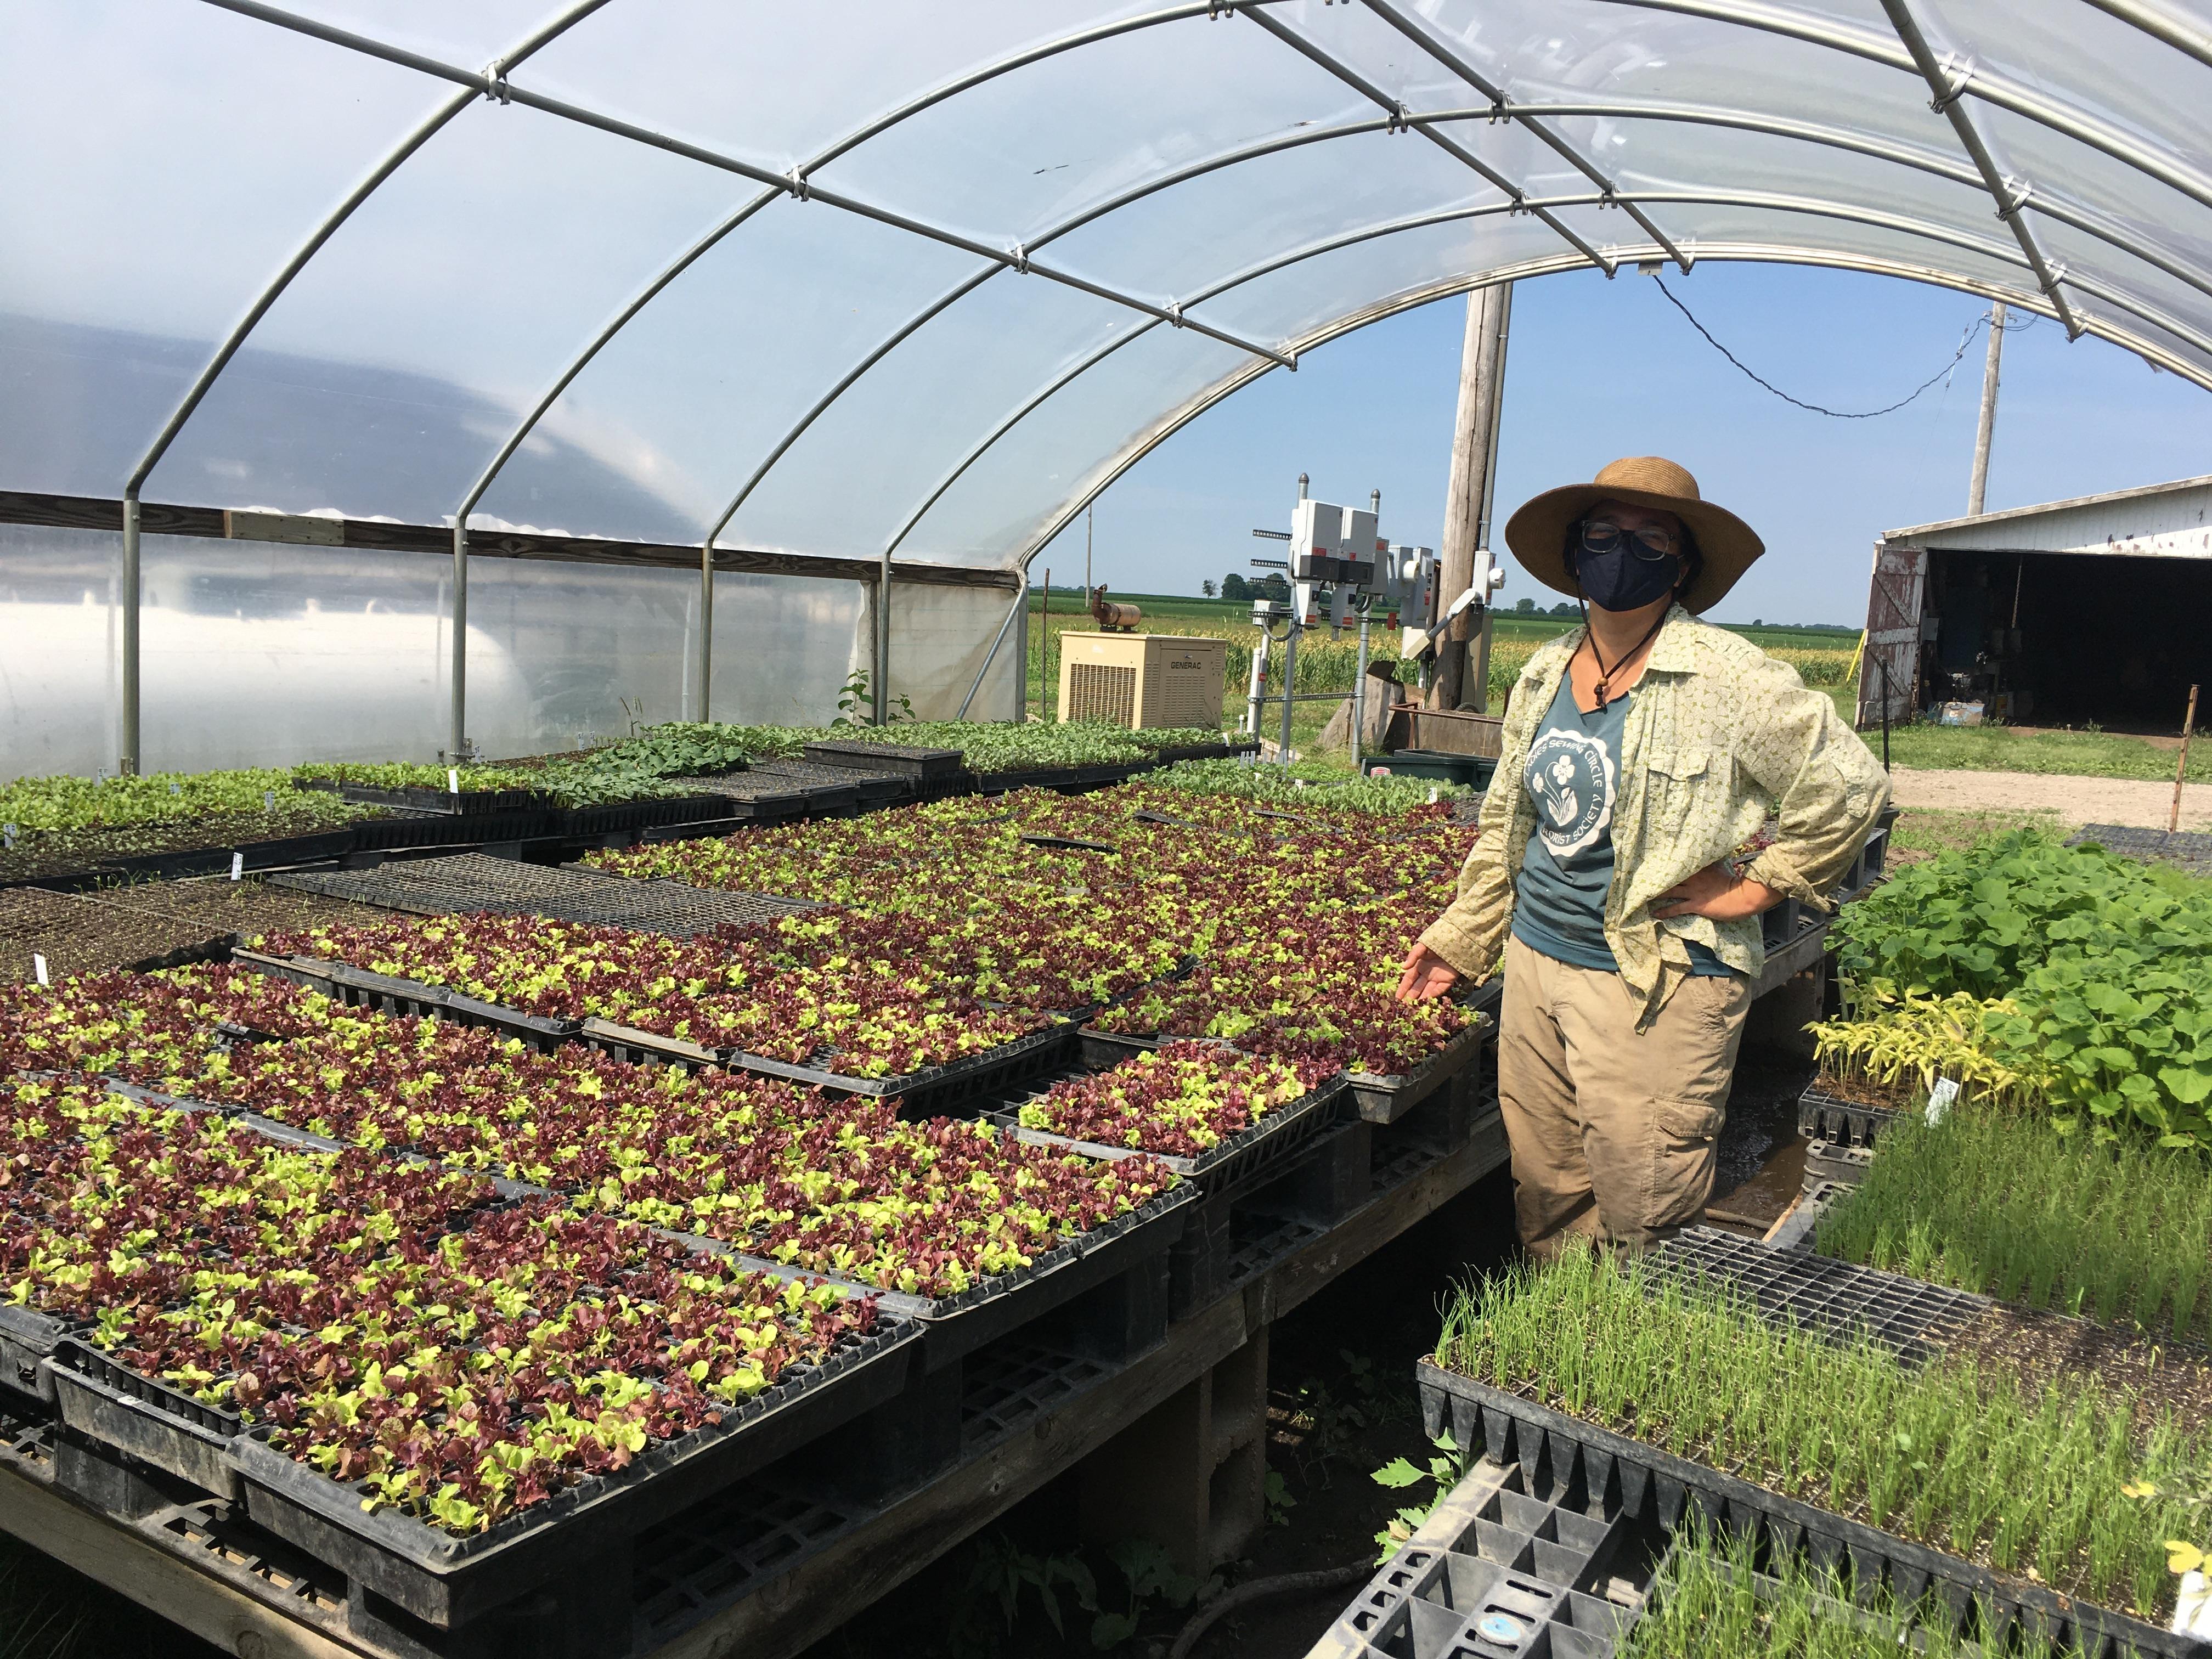 Farm Happenings July 1st: Sea of Salad